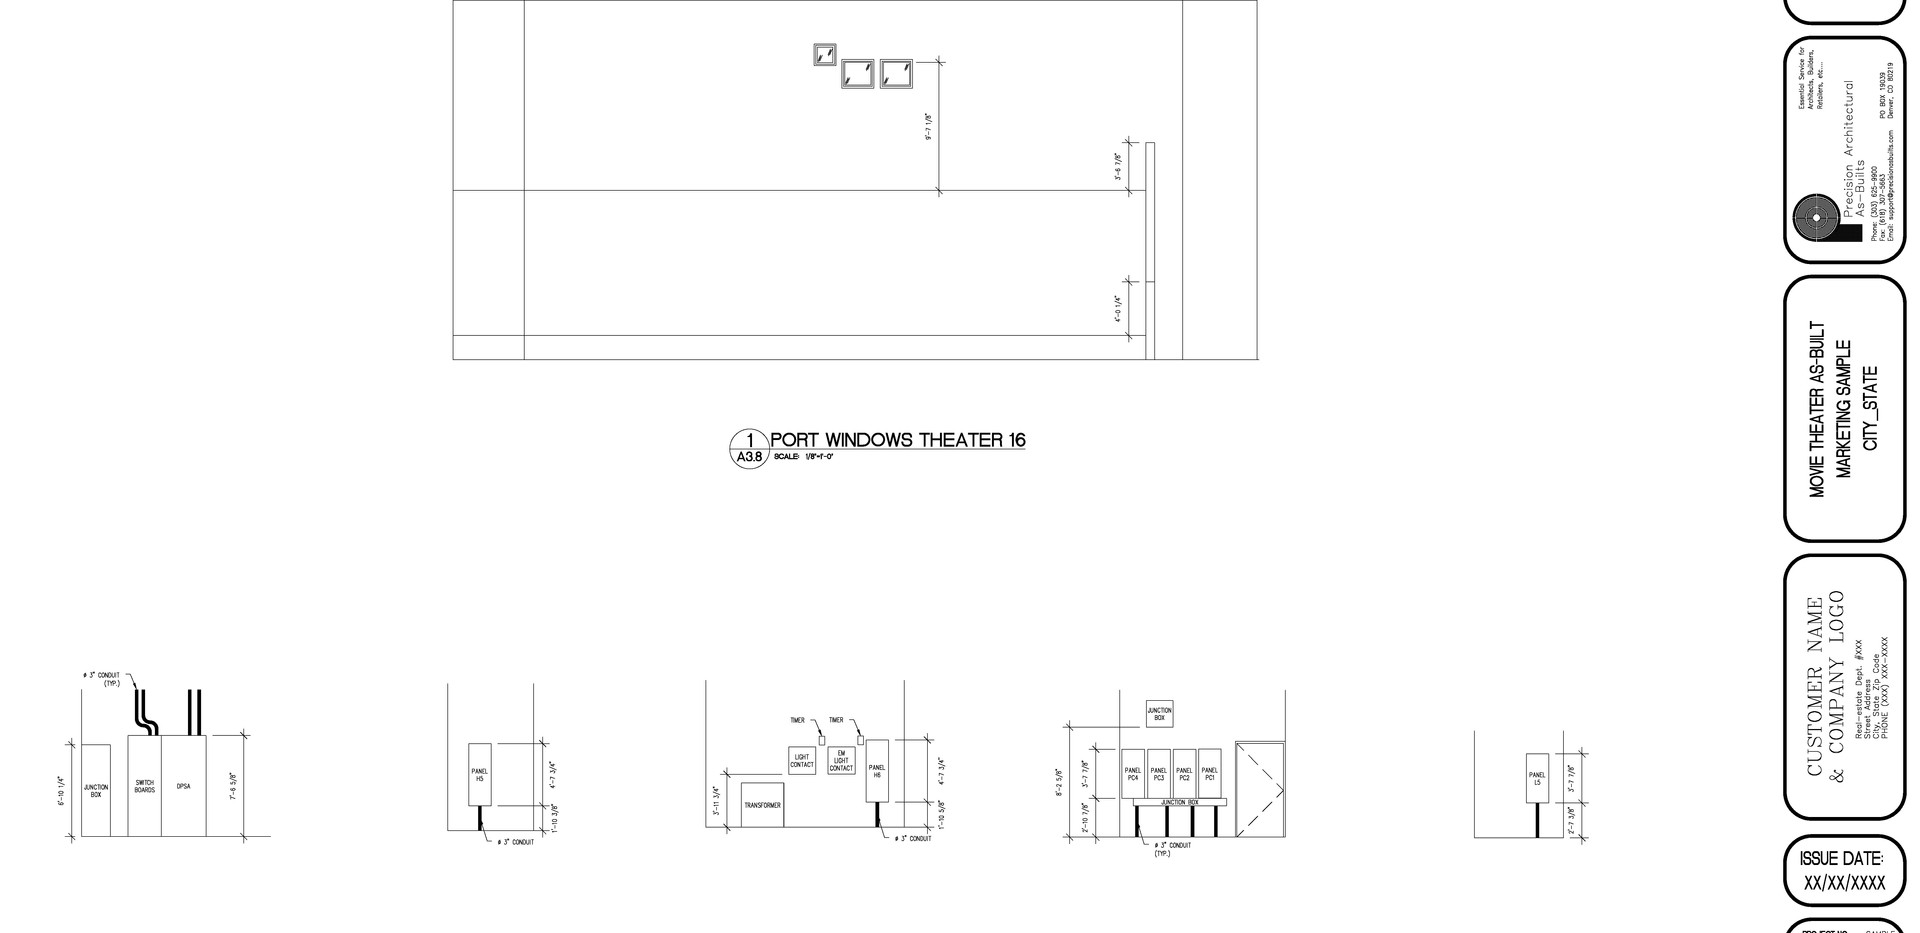 Interior Elevations A3.8